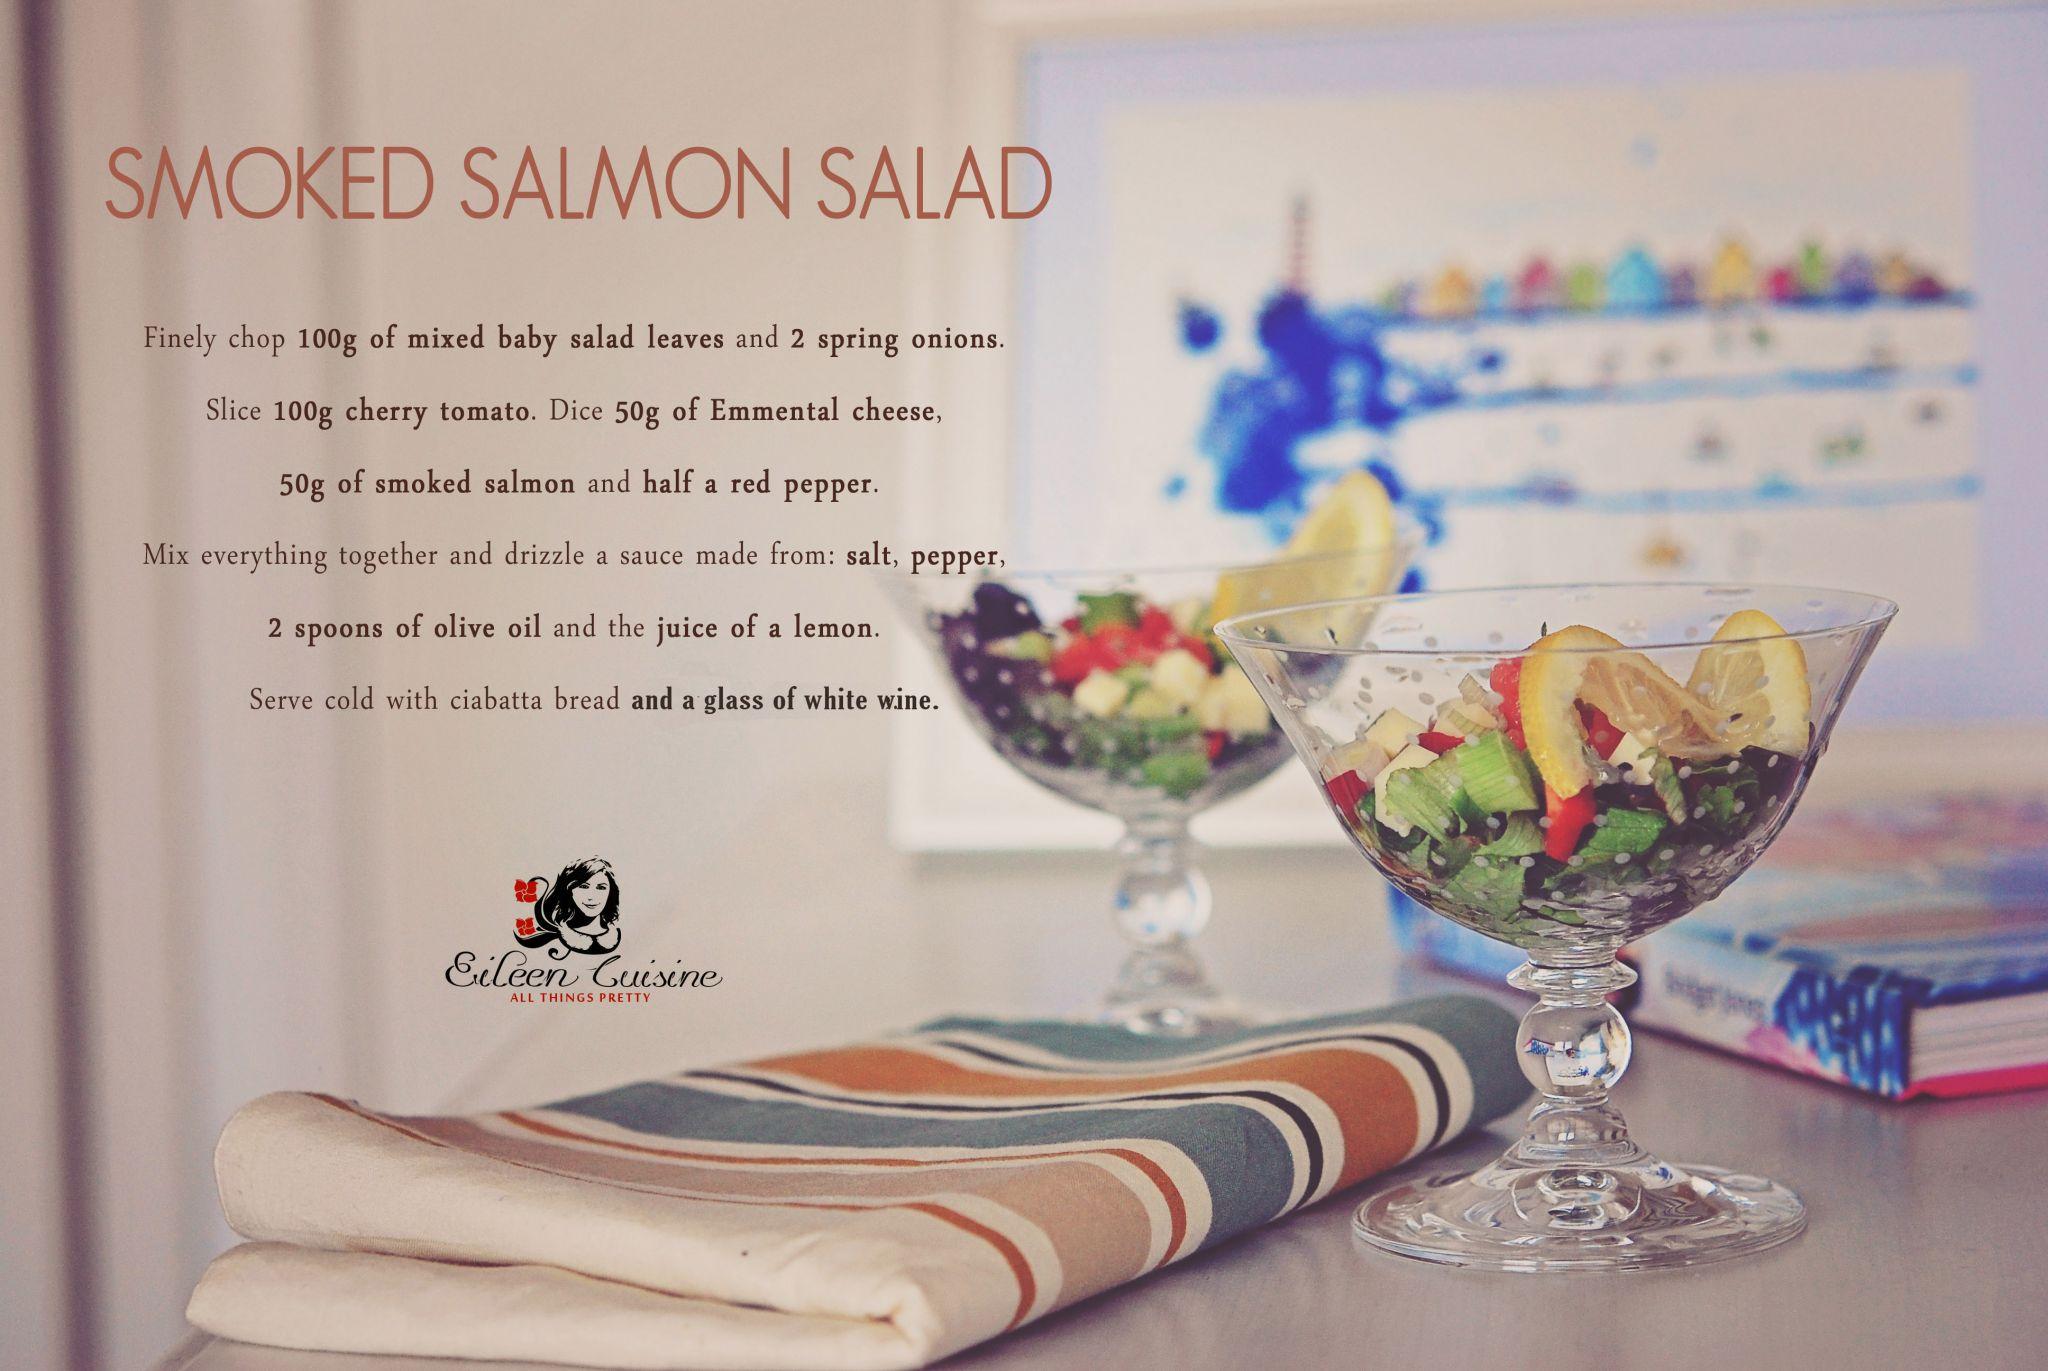 Smoked salmon salad Eileen Cuisine